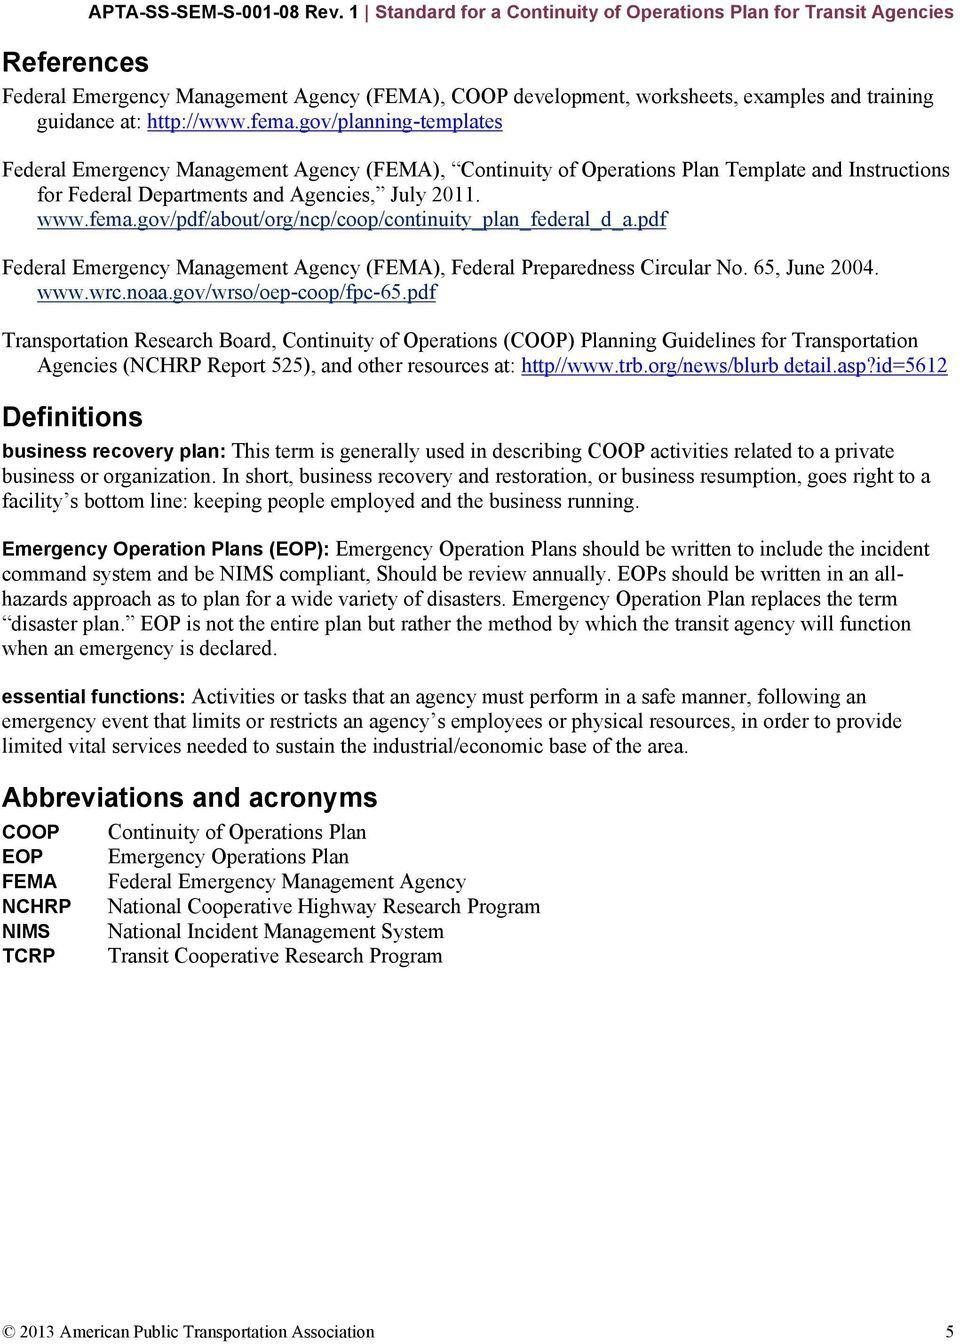 009 Astounding Emergency Operation Plan Template Design  For Churche Fema BasicFull